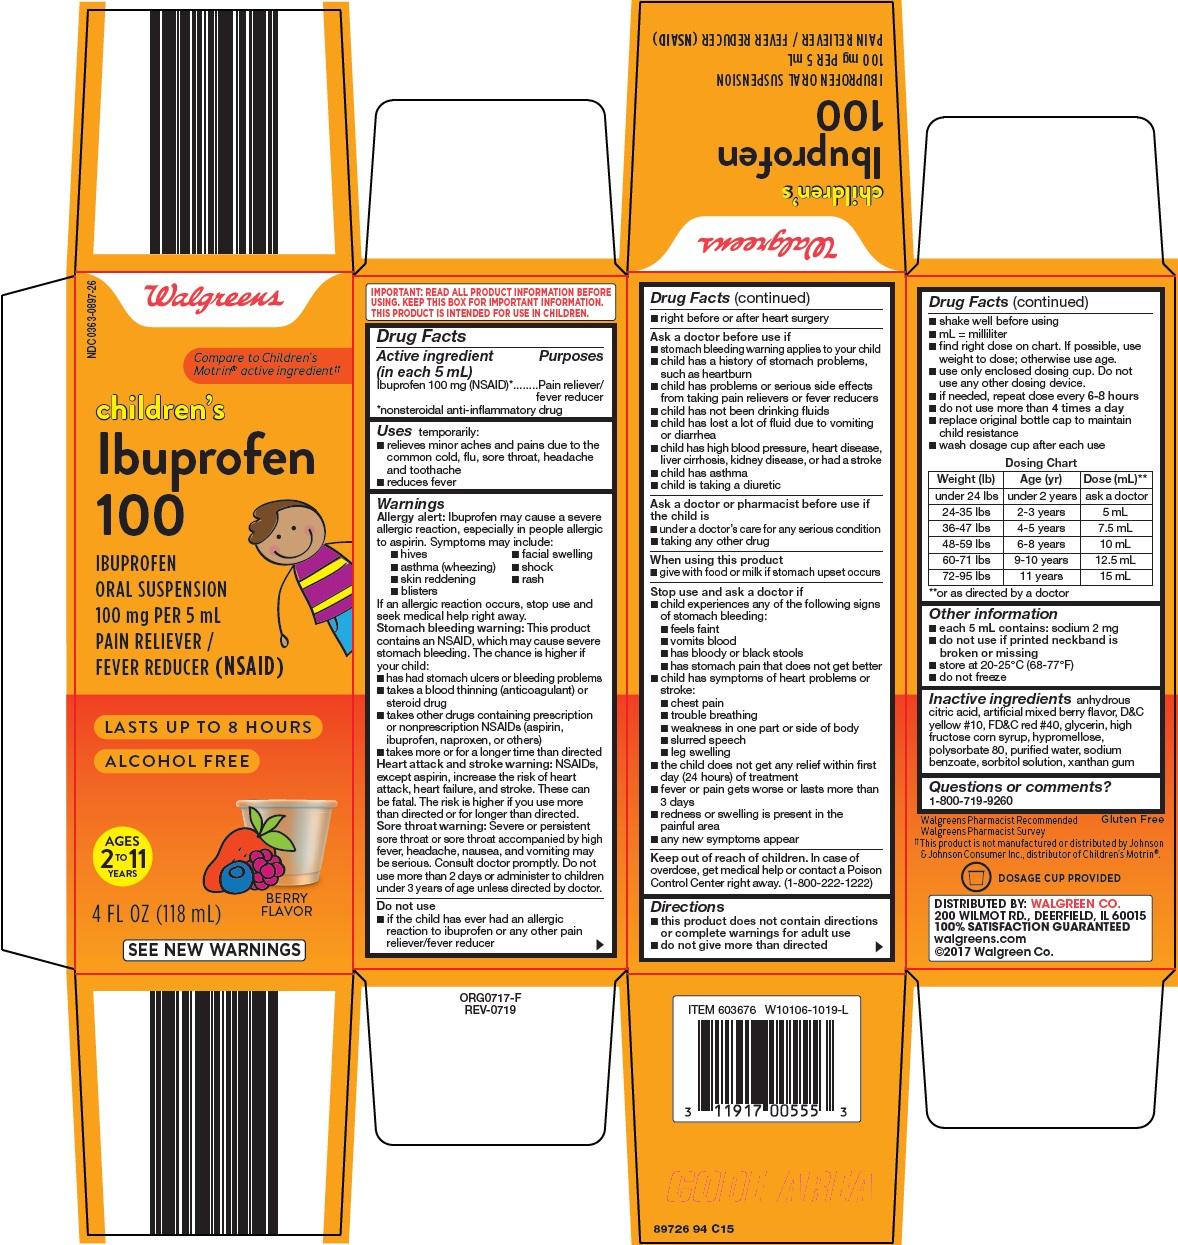 897-94-ibuprofen-100.jpg